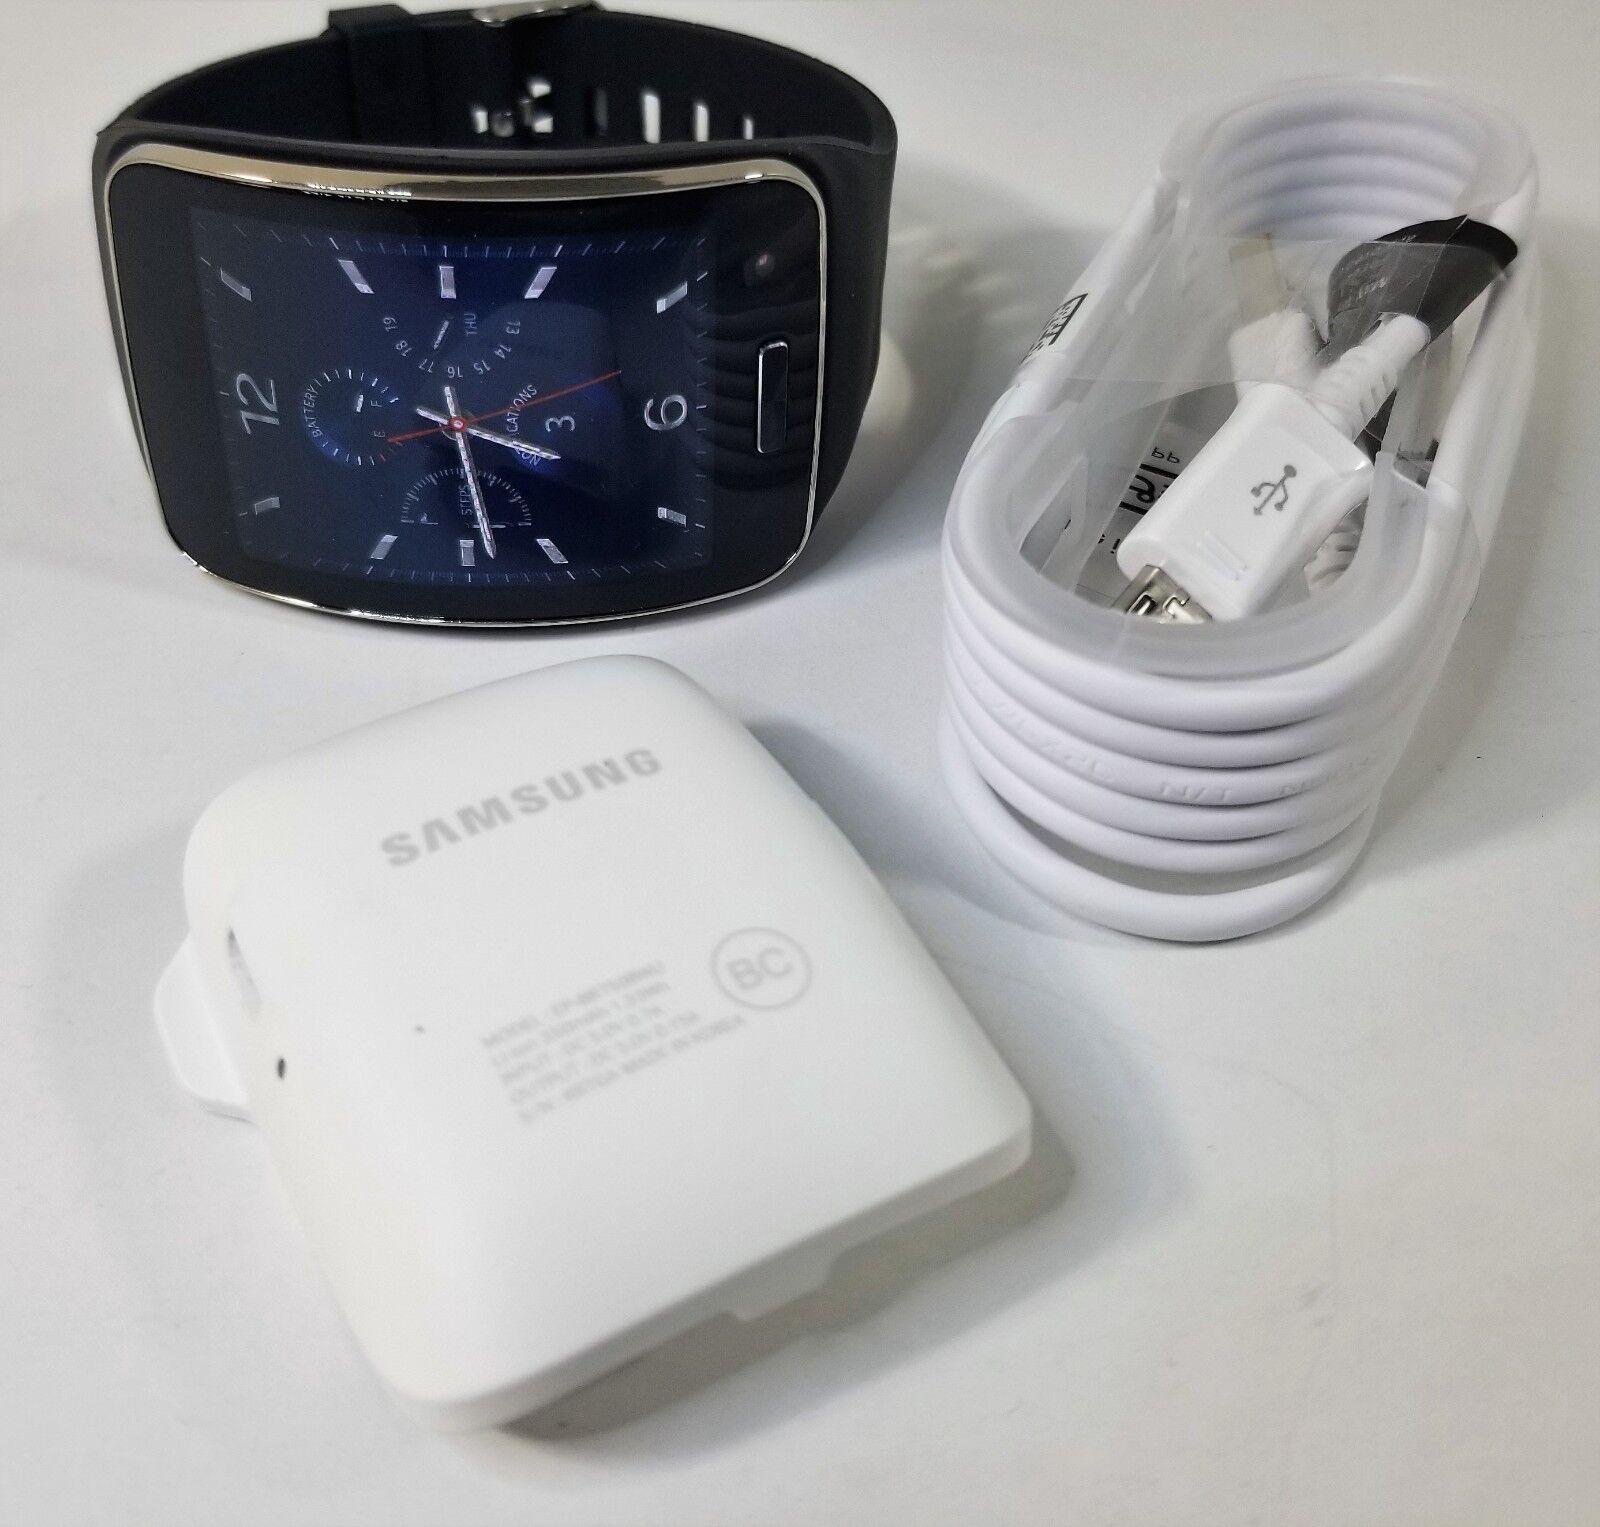 Samsung Galaxy Gear S SM-R750 Bluetooth Smart Watch - Black